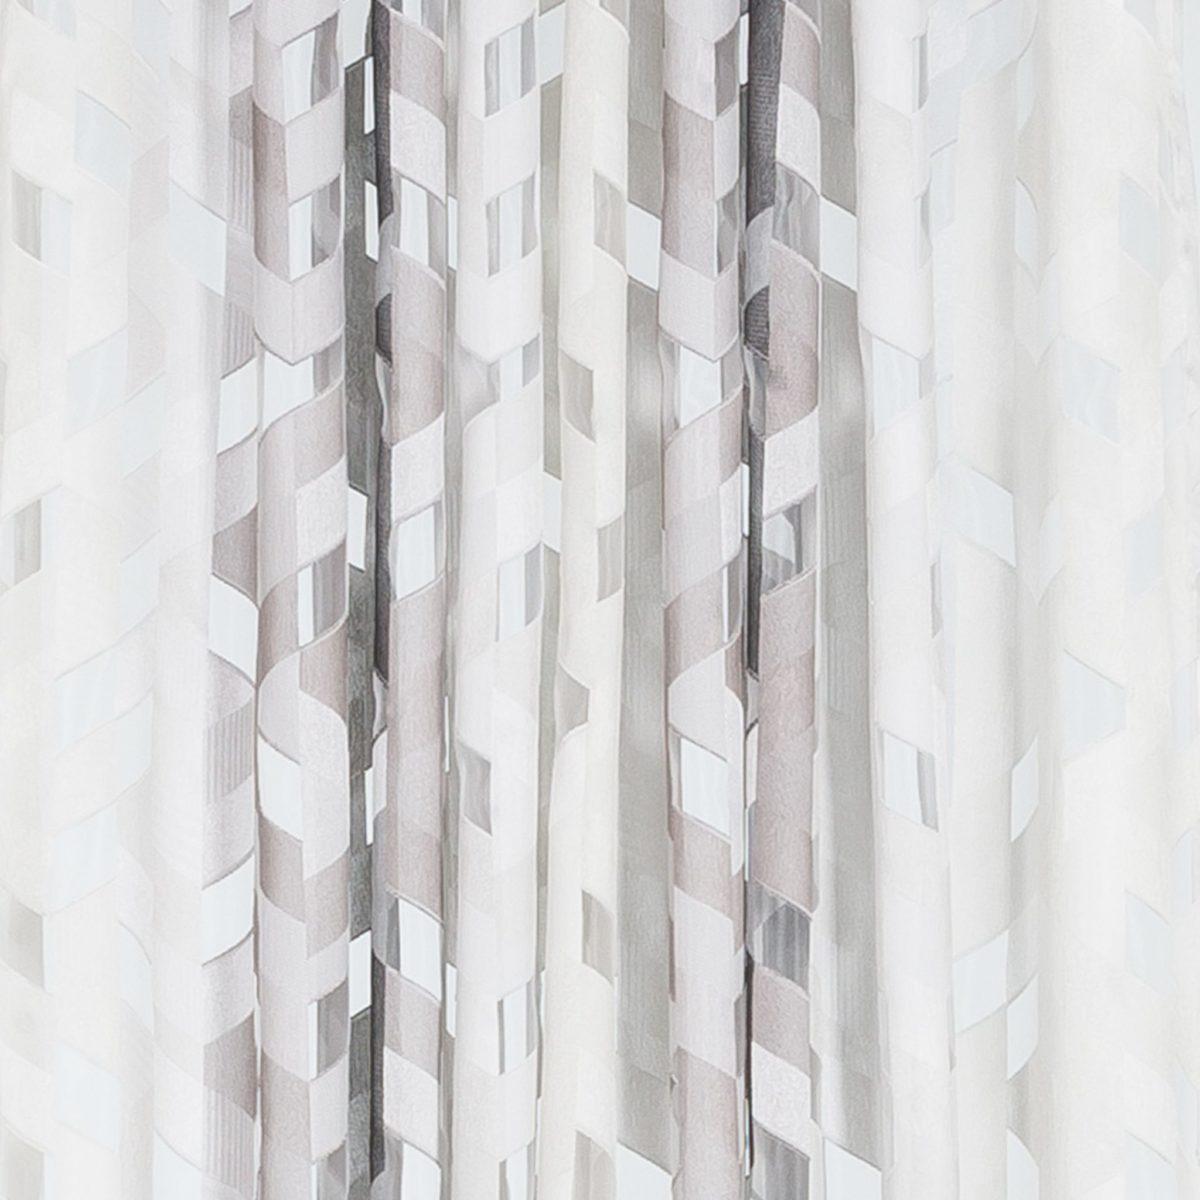 Ploeg gordijnen in between vitrage stoffen collectie configurable 0104000008 stroom 08 001 detail4